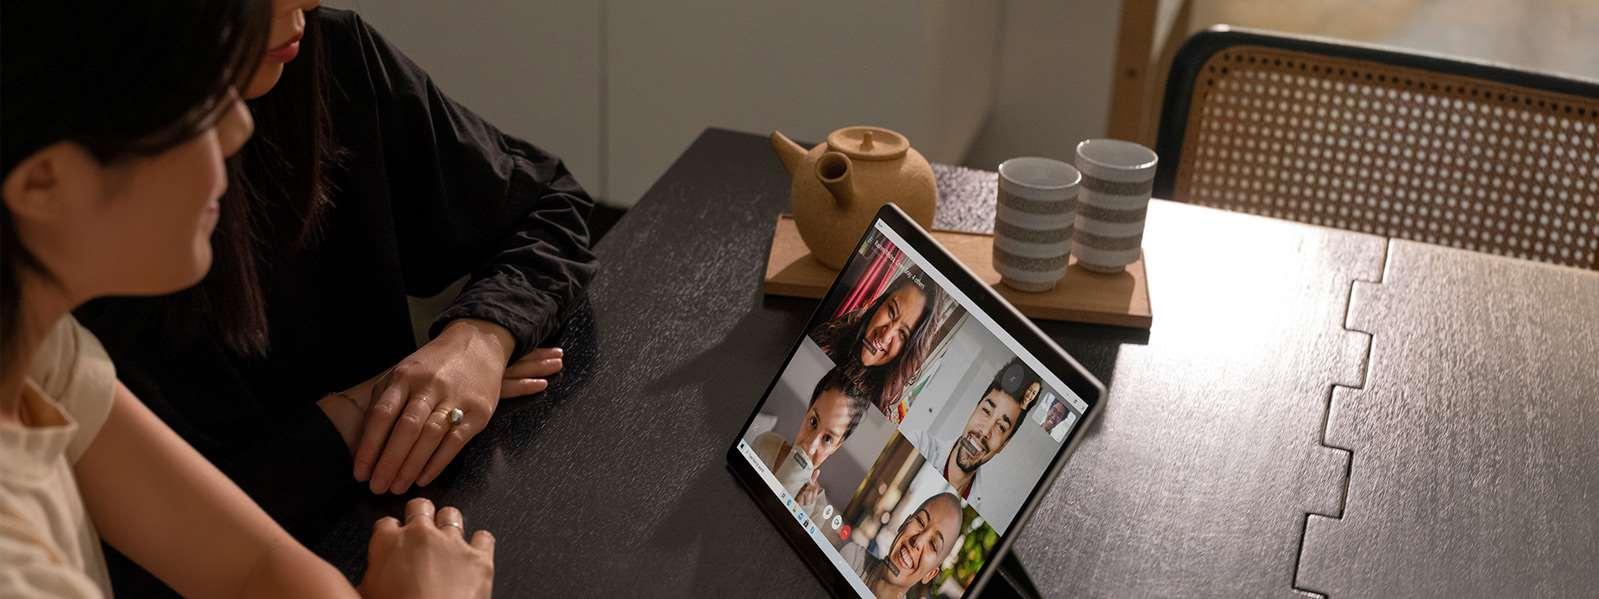 Surface Pro X 上 6 个人在使用Skype